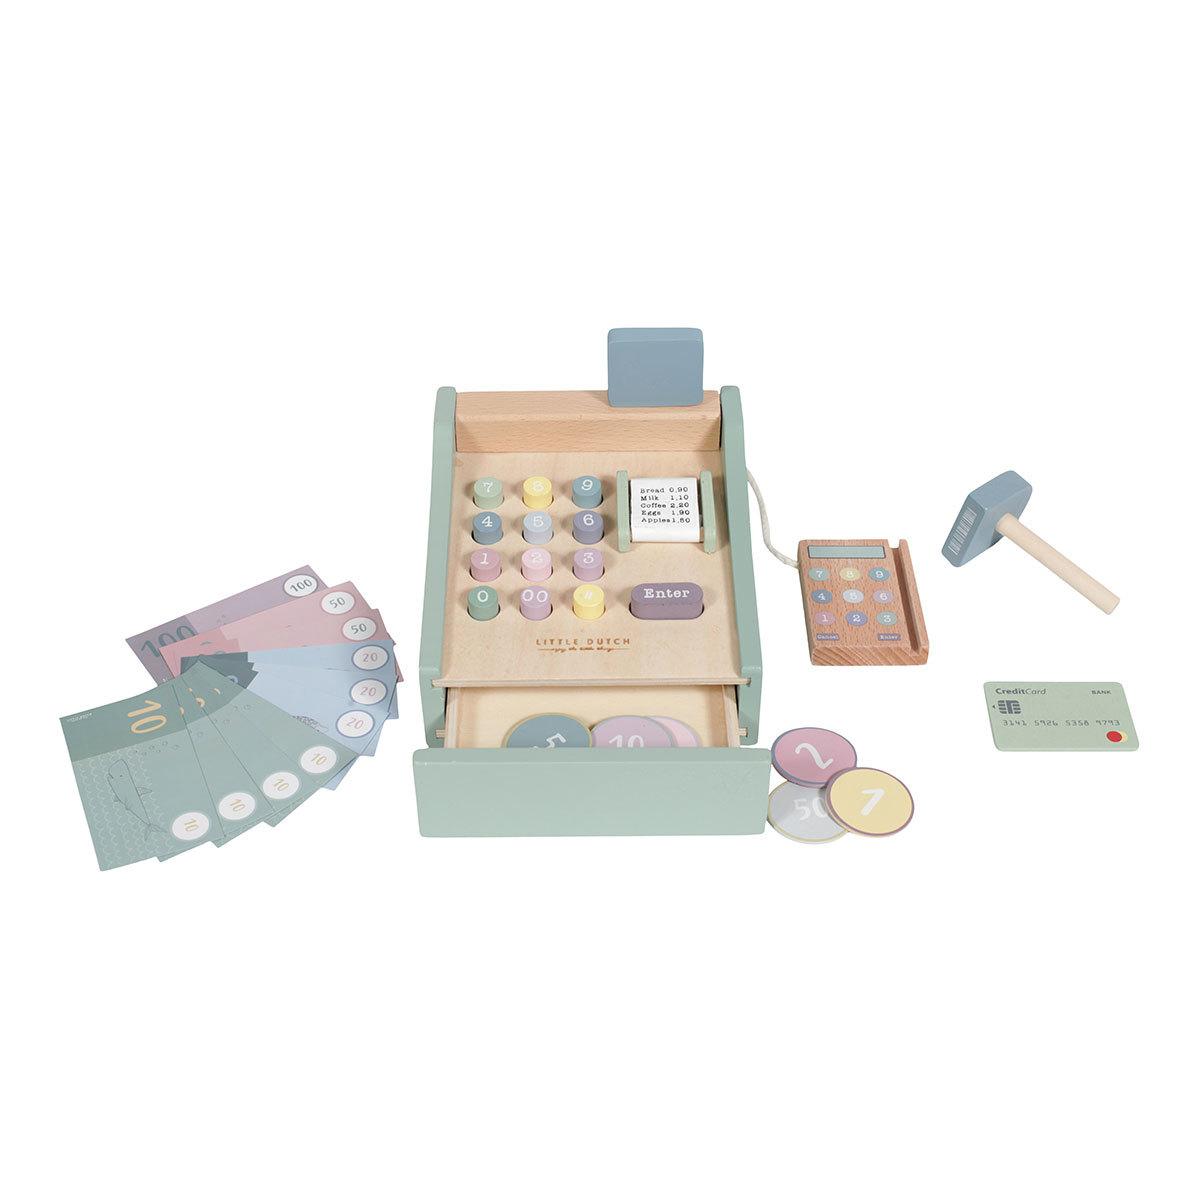 Mes premiers jouets Caisse Enregistreuse en Bois